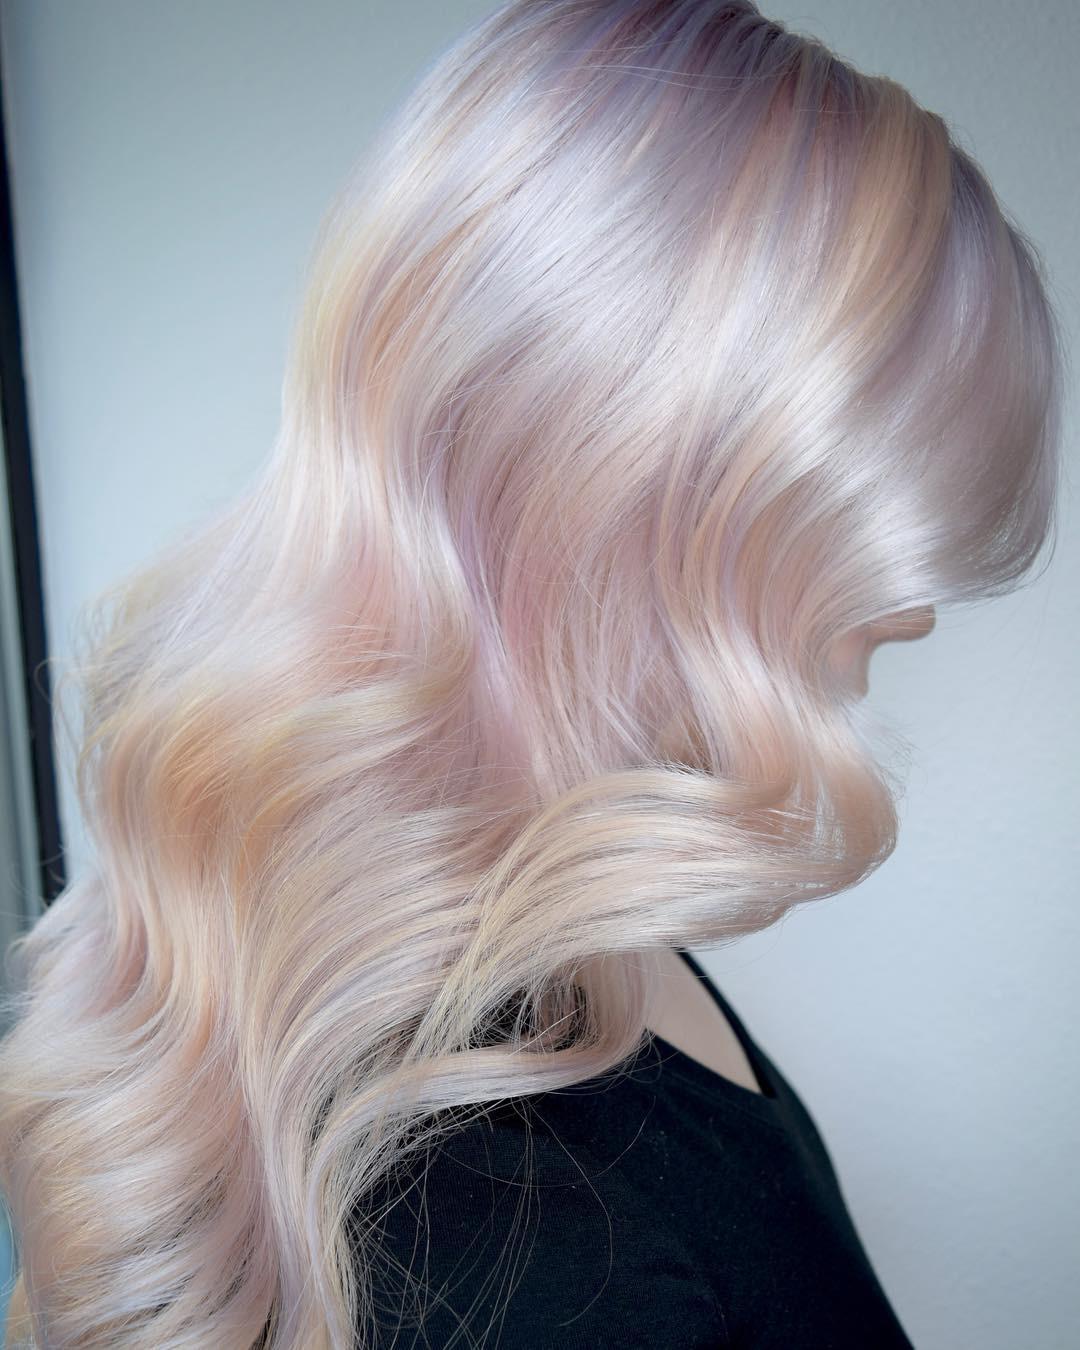 Tóc nhuộm kẹo bông: màu nhuộm huyền ảo mở hàng cho xu hướng tóc 2018 đảm bảo sẽ khiến hội sành điệu phải rối rít - Ảnh 2.